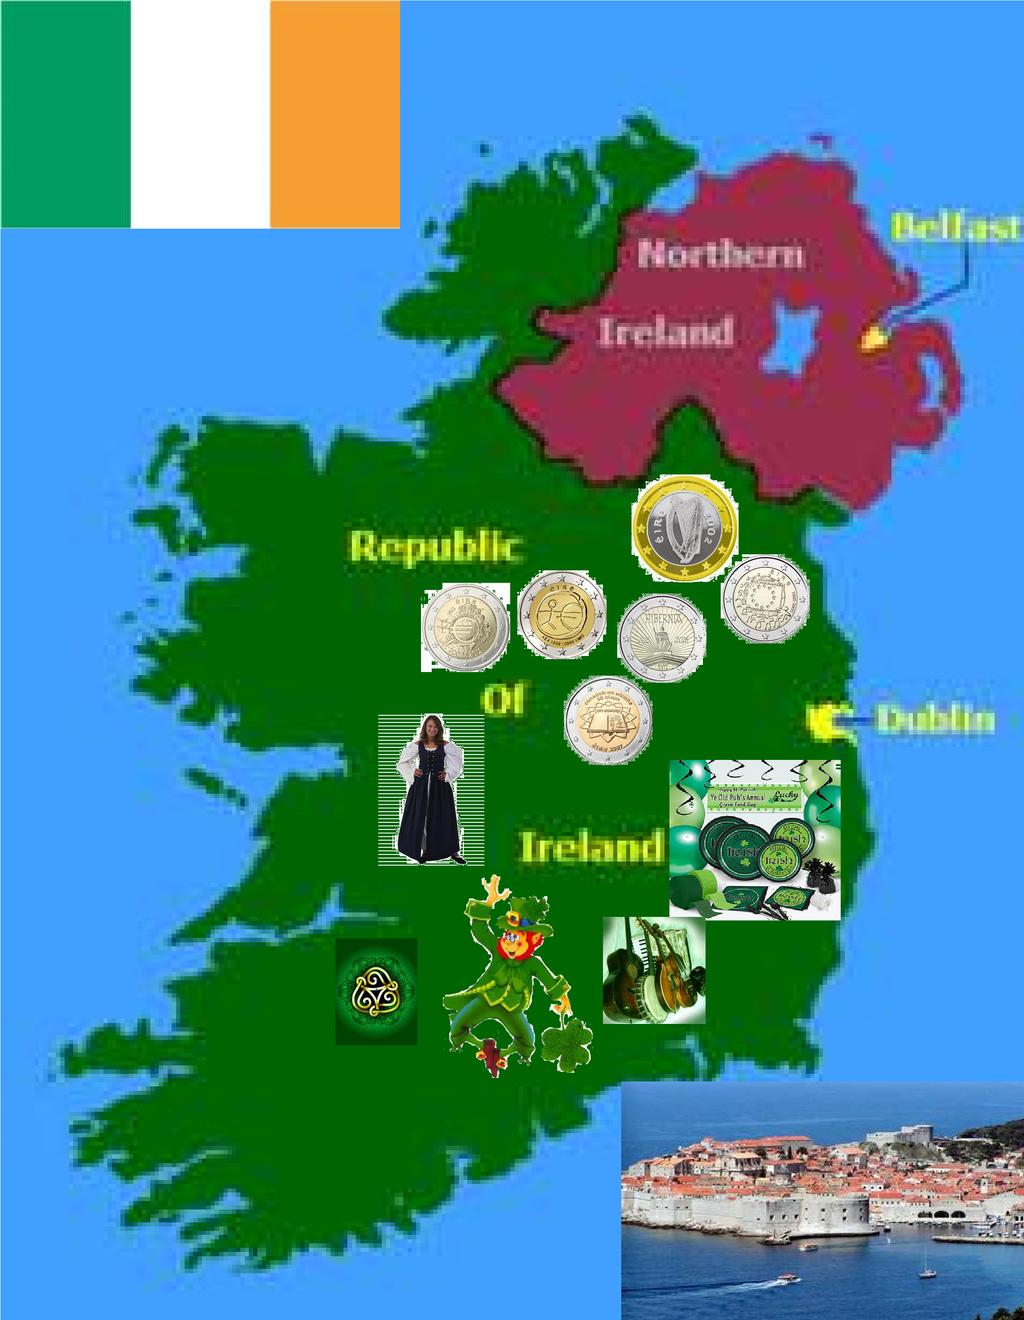 Ireland Defined by TrevLafoe